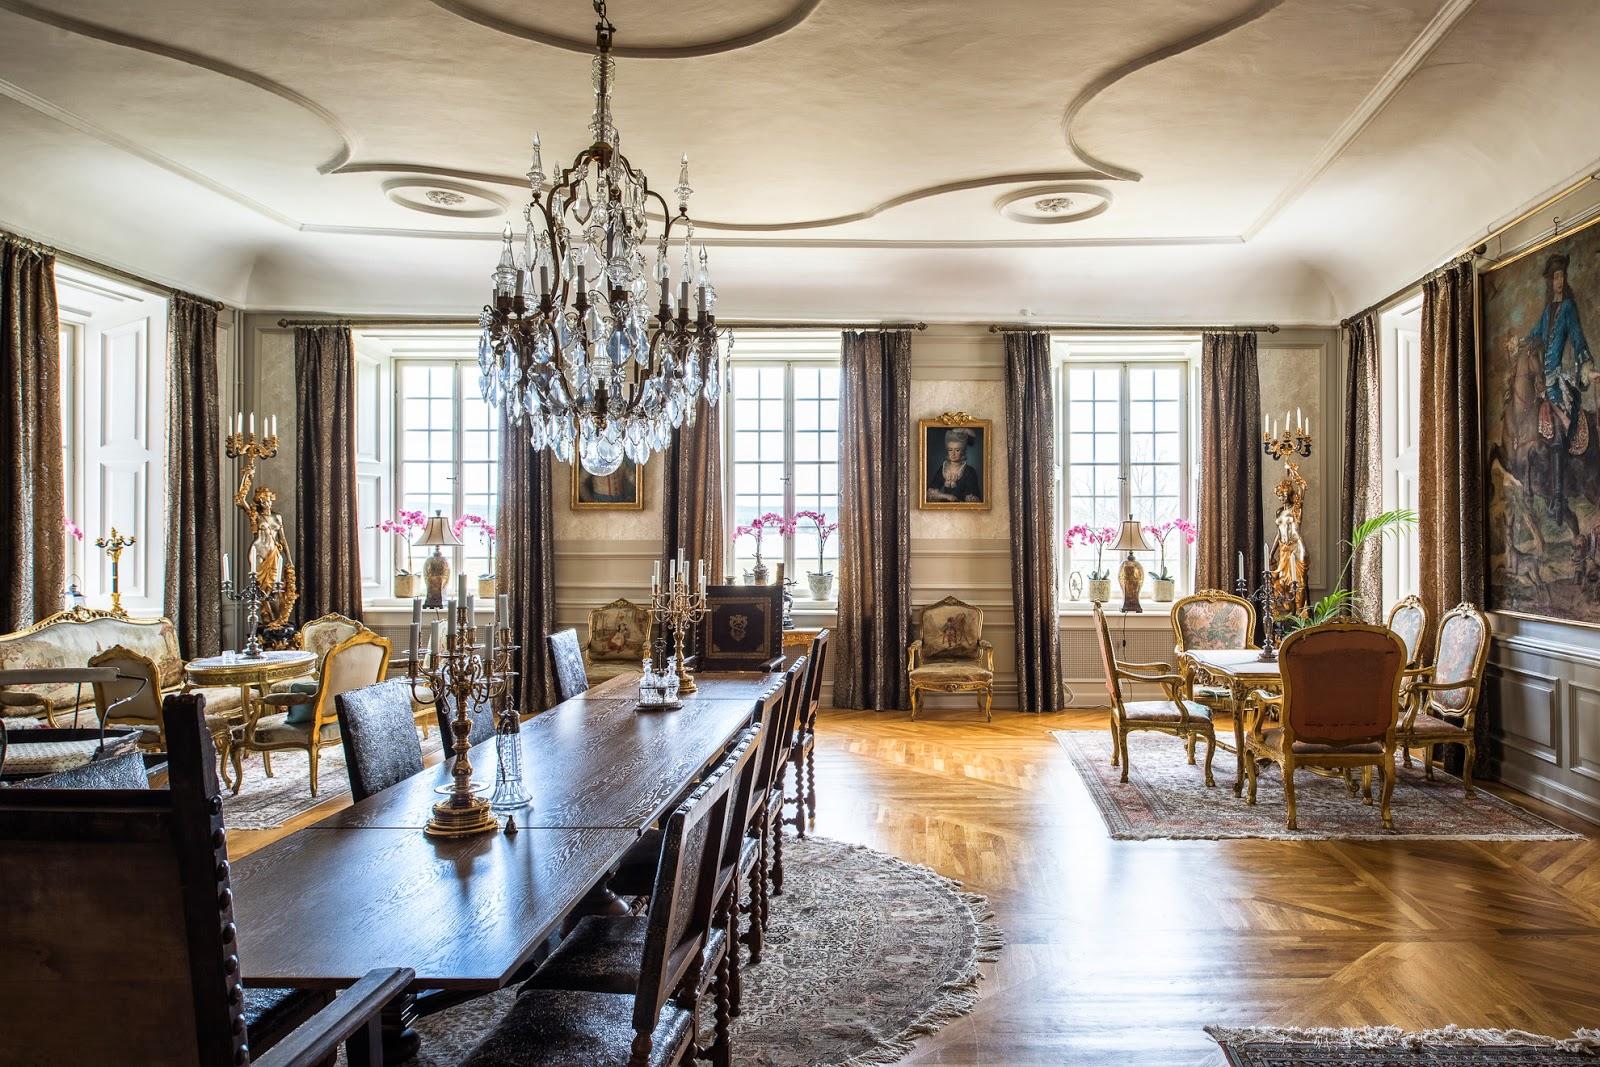 VÄlkommen hem!: nu Är slottet till salu!